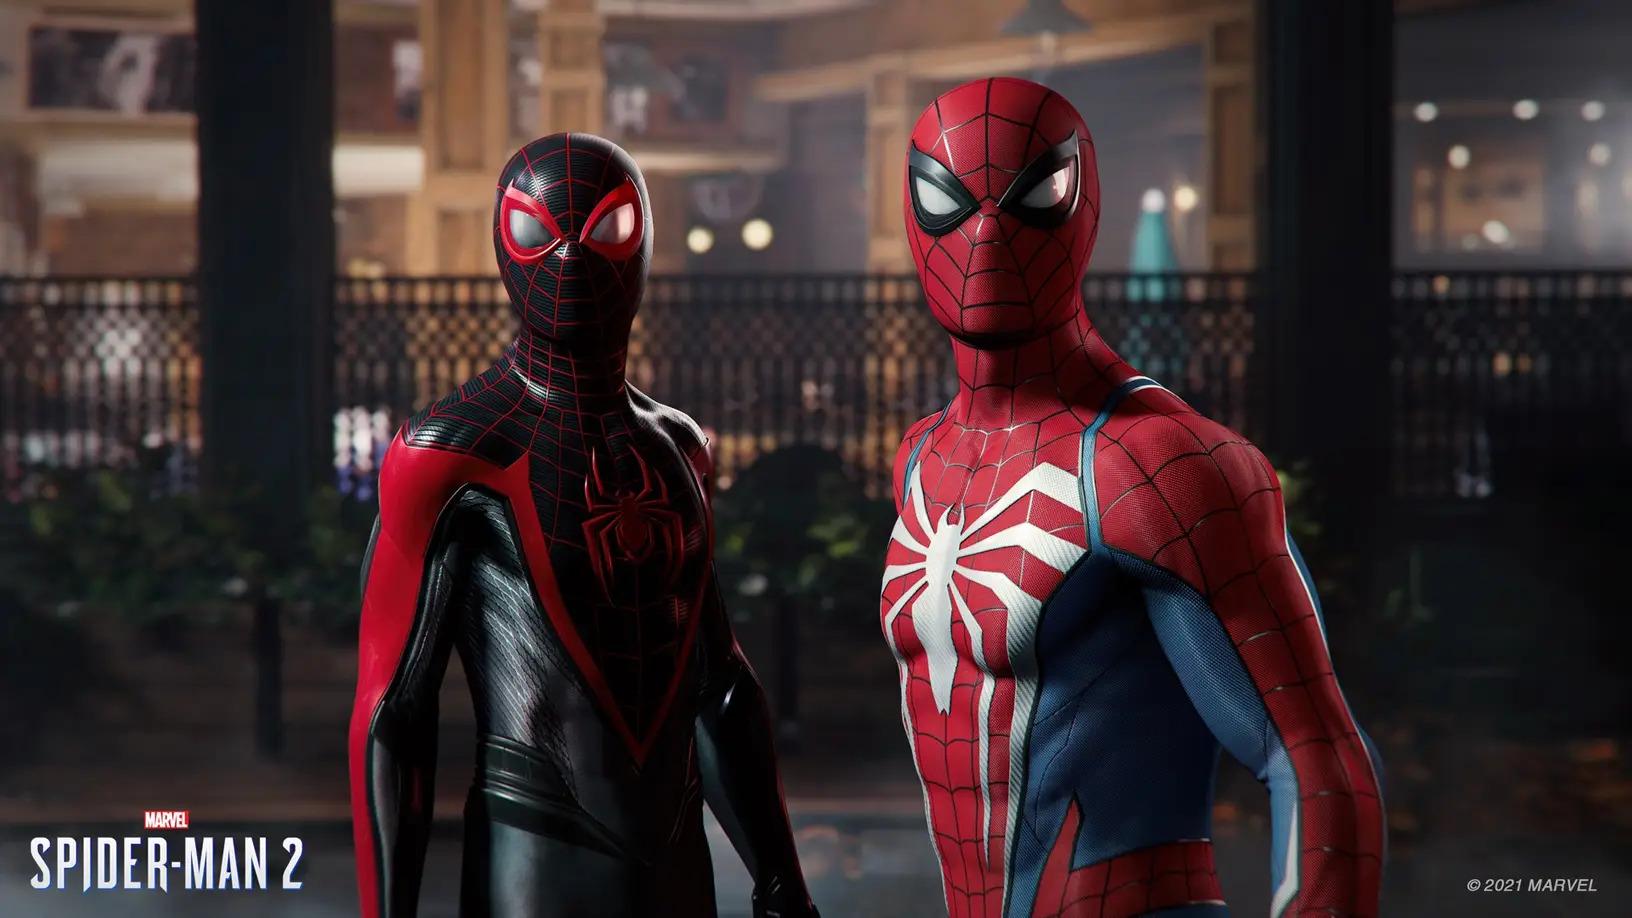 《漫威蜘蛛侠2》毒液配音演员公布 黑人男星托尼·托德插图7